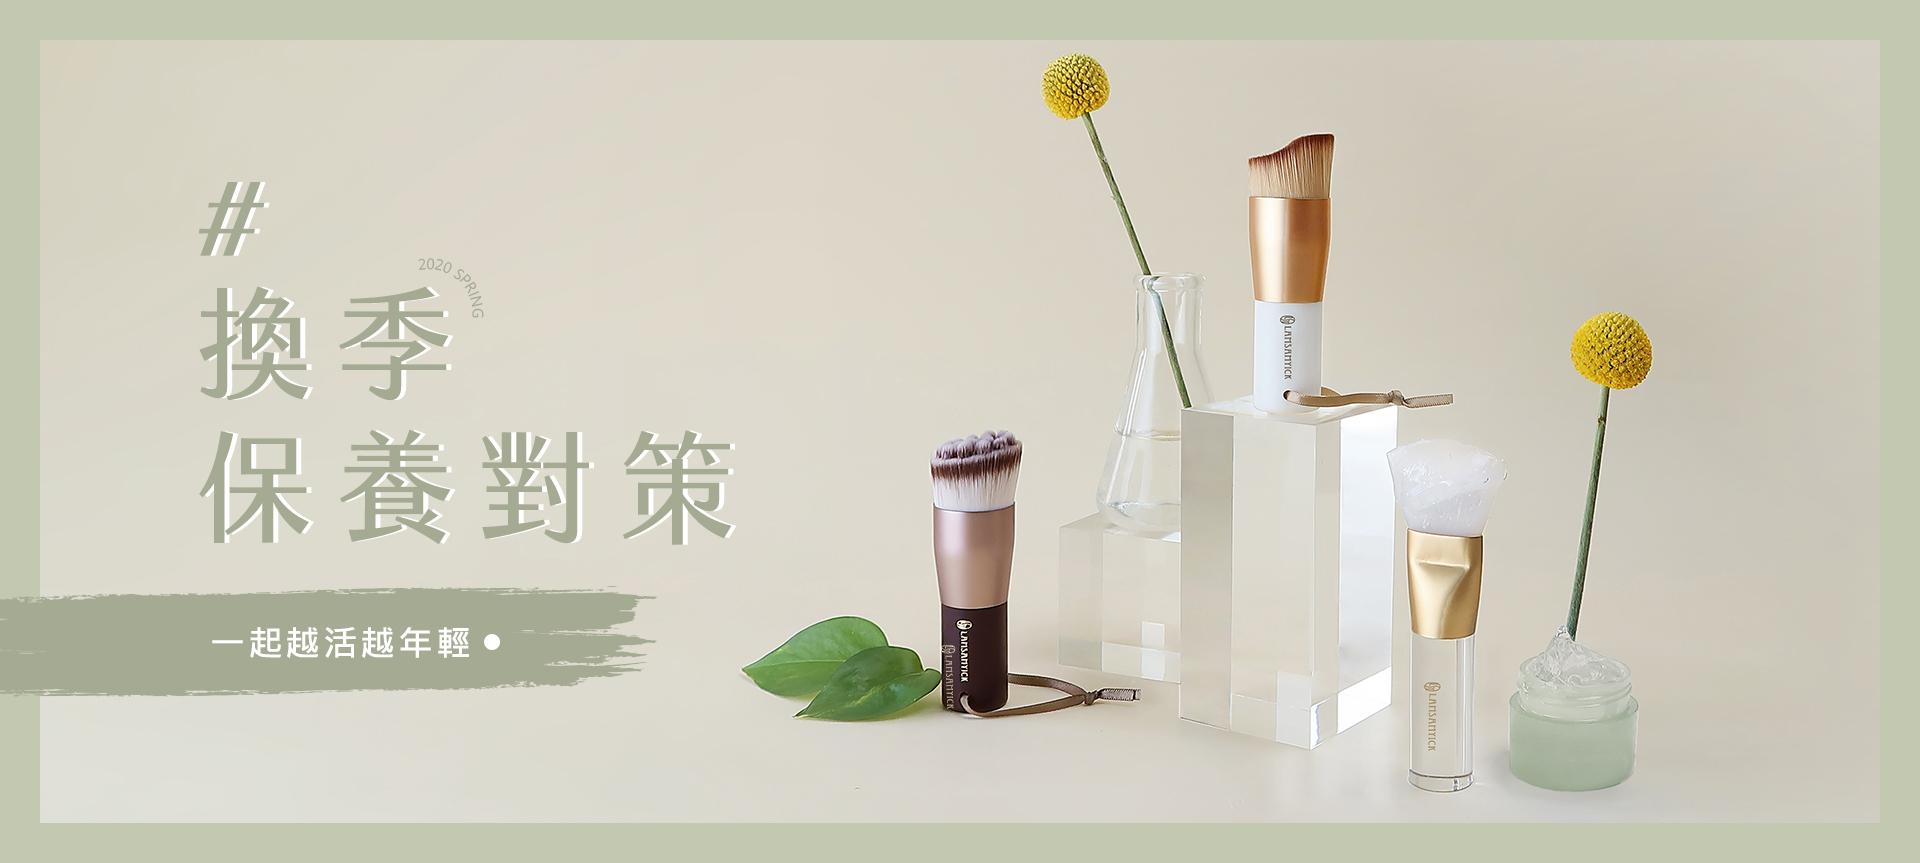 (0320小檔)洗臉刷